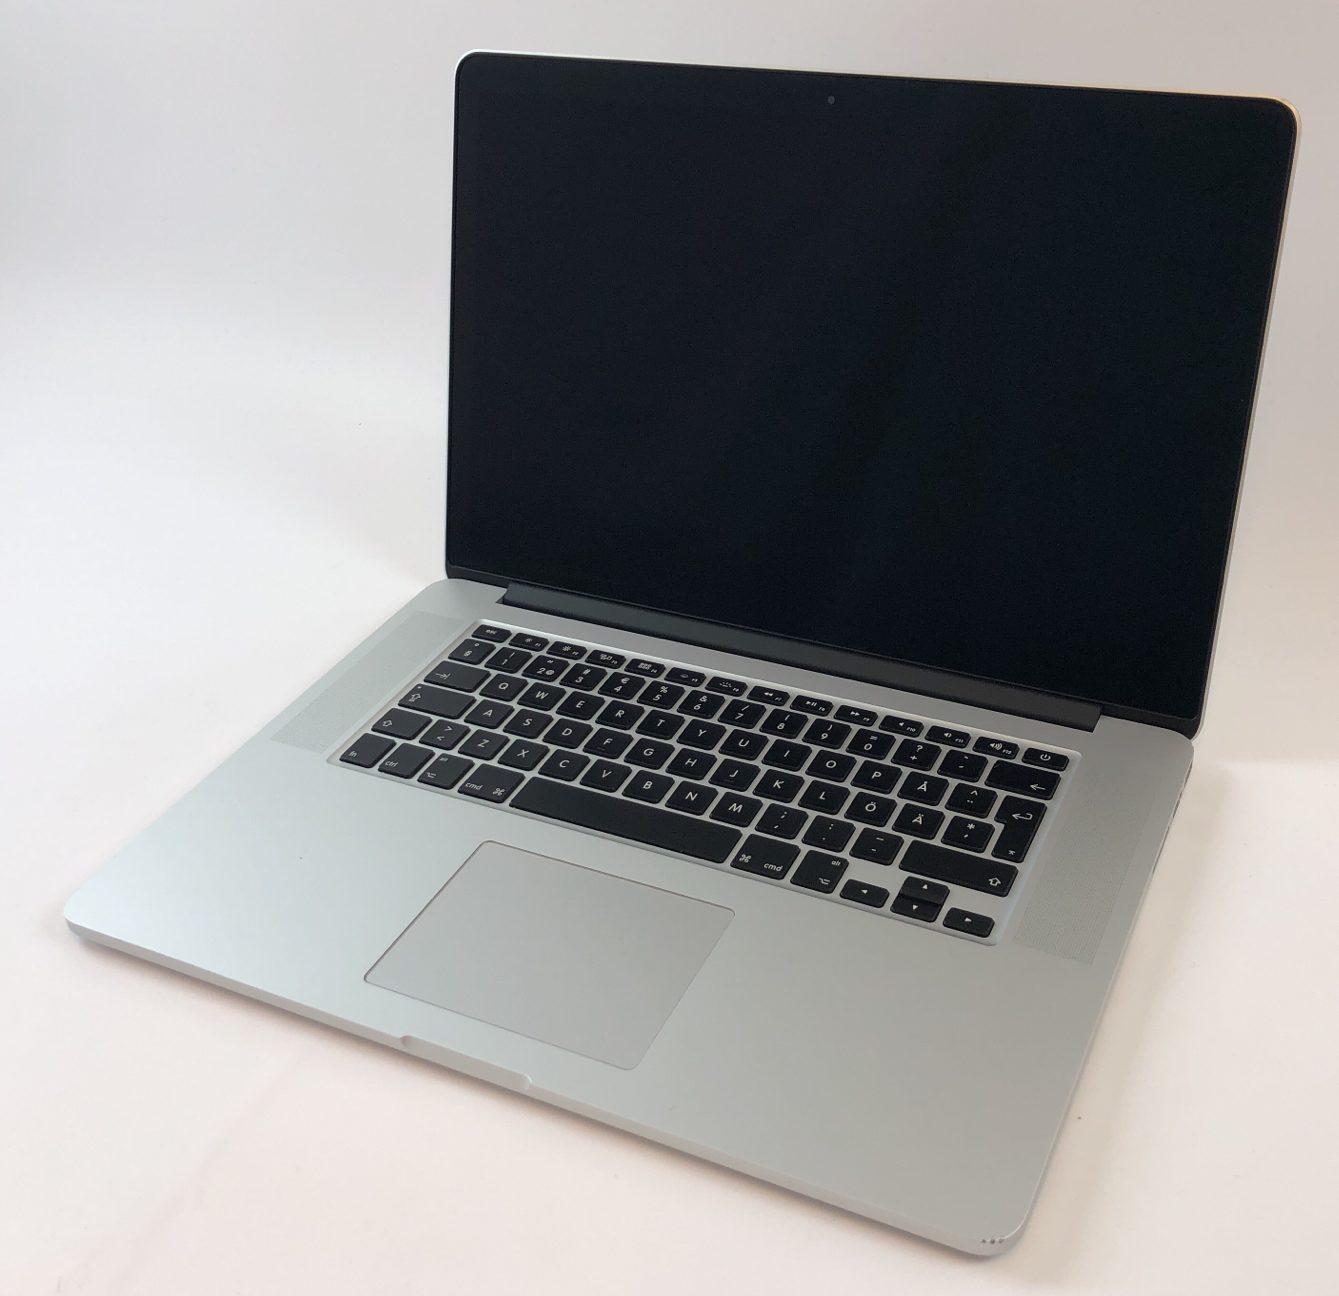 """MacBook Pro Retina 15"""" Mid 2015 (Intel Quad-Core i7 2.8 GHz 16 GB RAM 256 GB SSD), Intel Quad-Core i7 2.8 GHz, 16 GB RAM, 256 GB SSD, Kuva 1"""